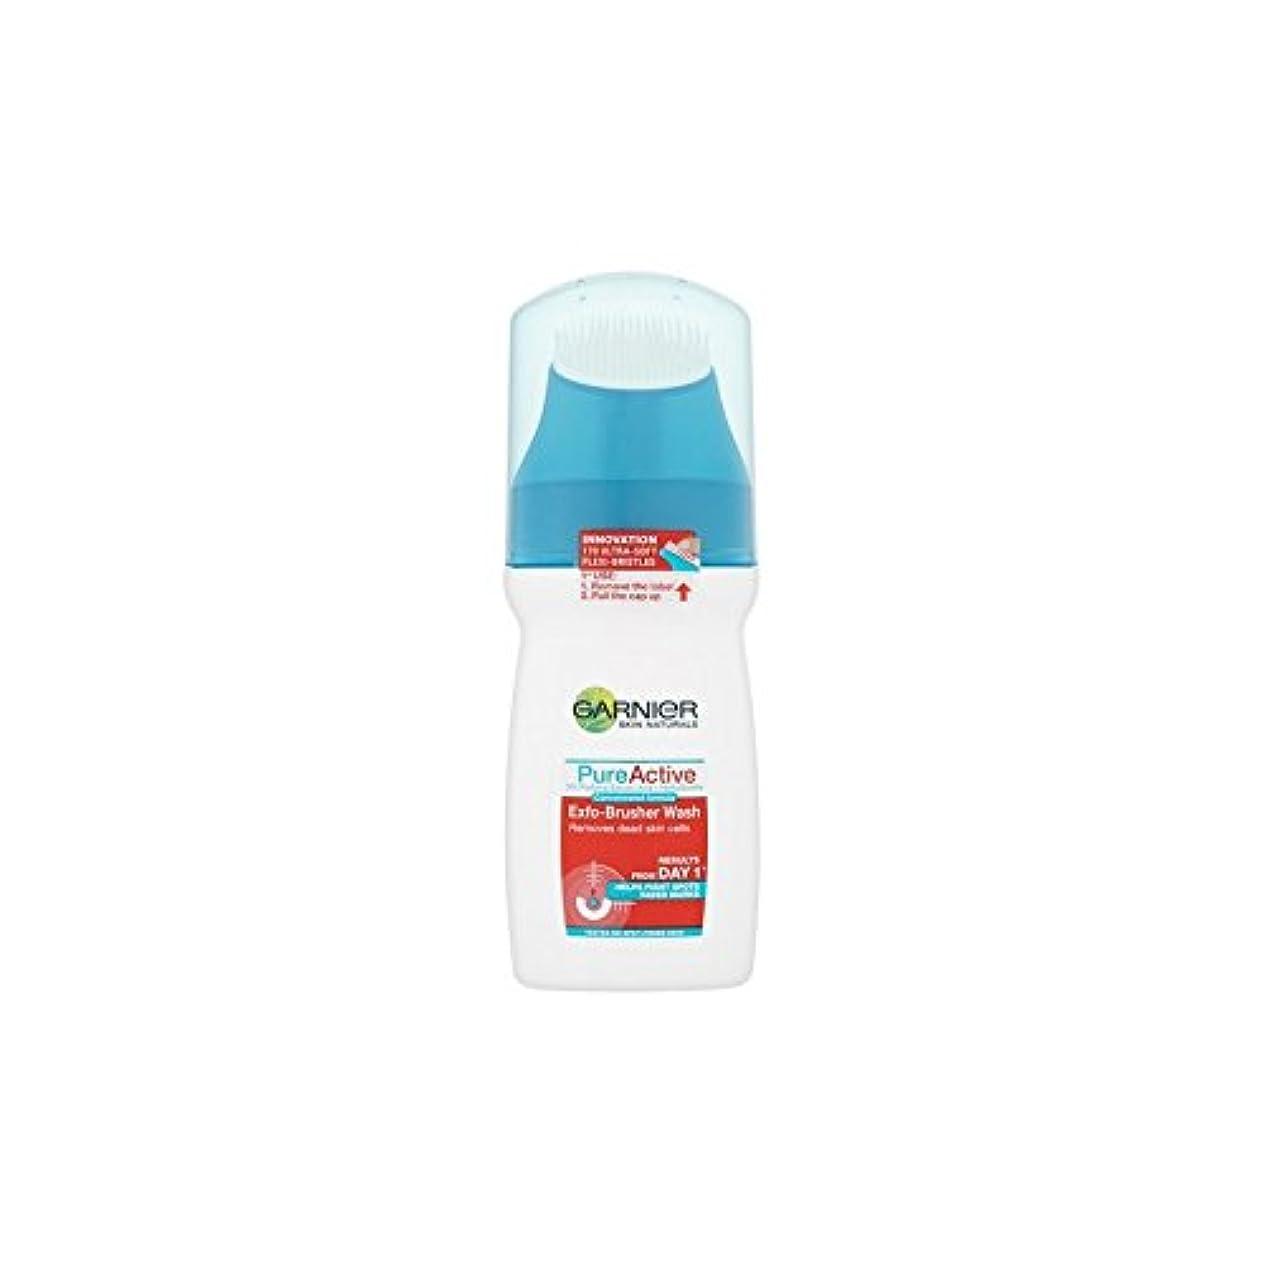 滅びる愛情緩やかなガルニエ純粋な活性-ブラッシャーの洗顔(150ミリリットル) x4 - Garnier Pure Active Exfo-Brusher Face Wash (150ml) (Pack of 4) [並行輸入品]